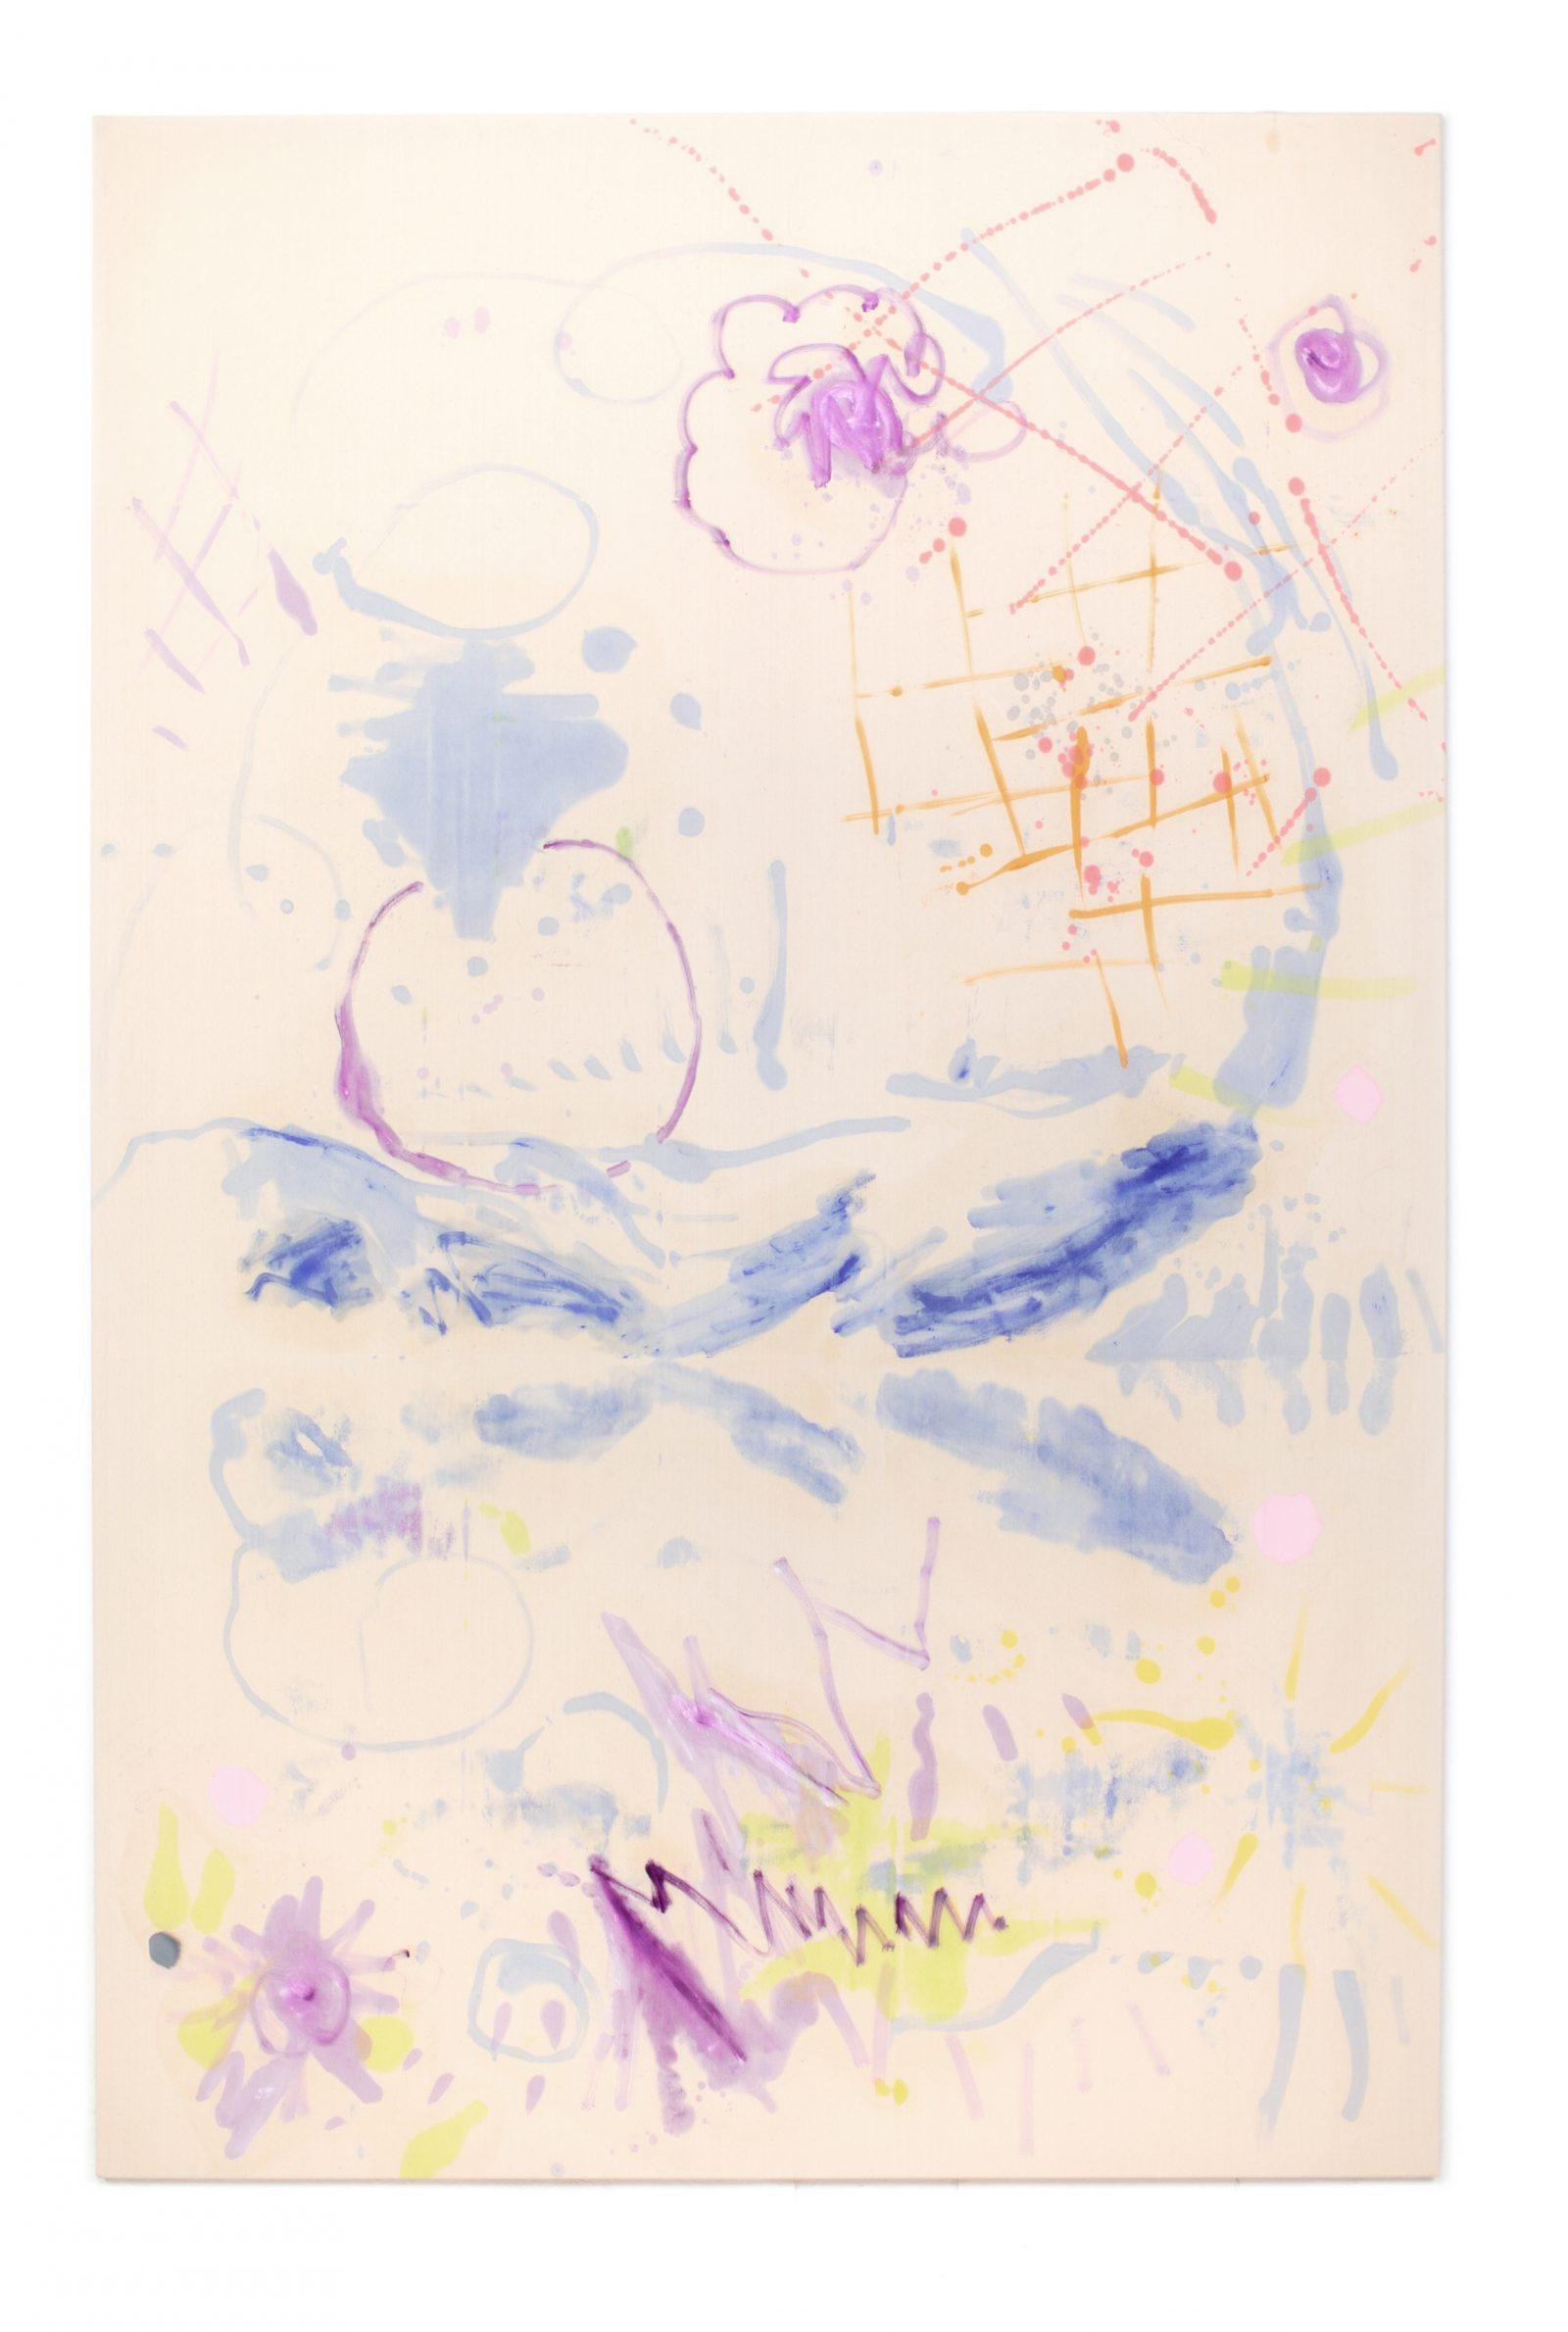 Gunna-Schmidt-A-Joyous-Flow-of-Endless-Becoming-World1-240-x-155-cm-oil-on-cotton-duck-img-Matthias-Kindler-bA35R4466-e1482698442889